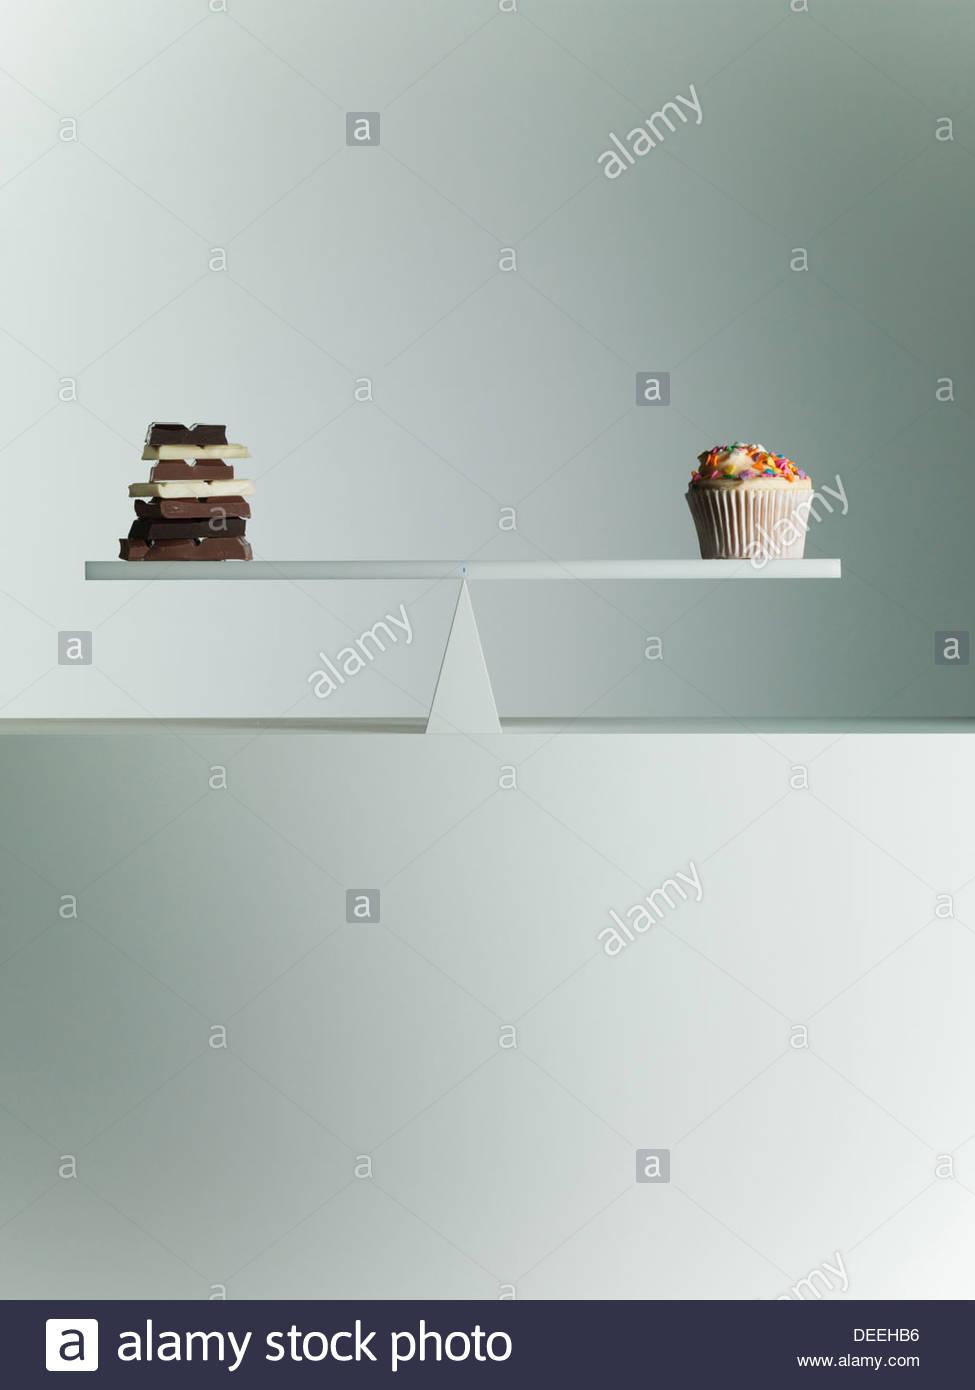 Chocolate bars and Cupcake balanced on seesaw - Stock Image